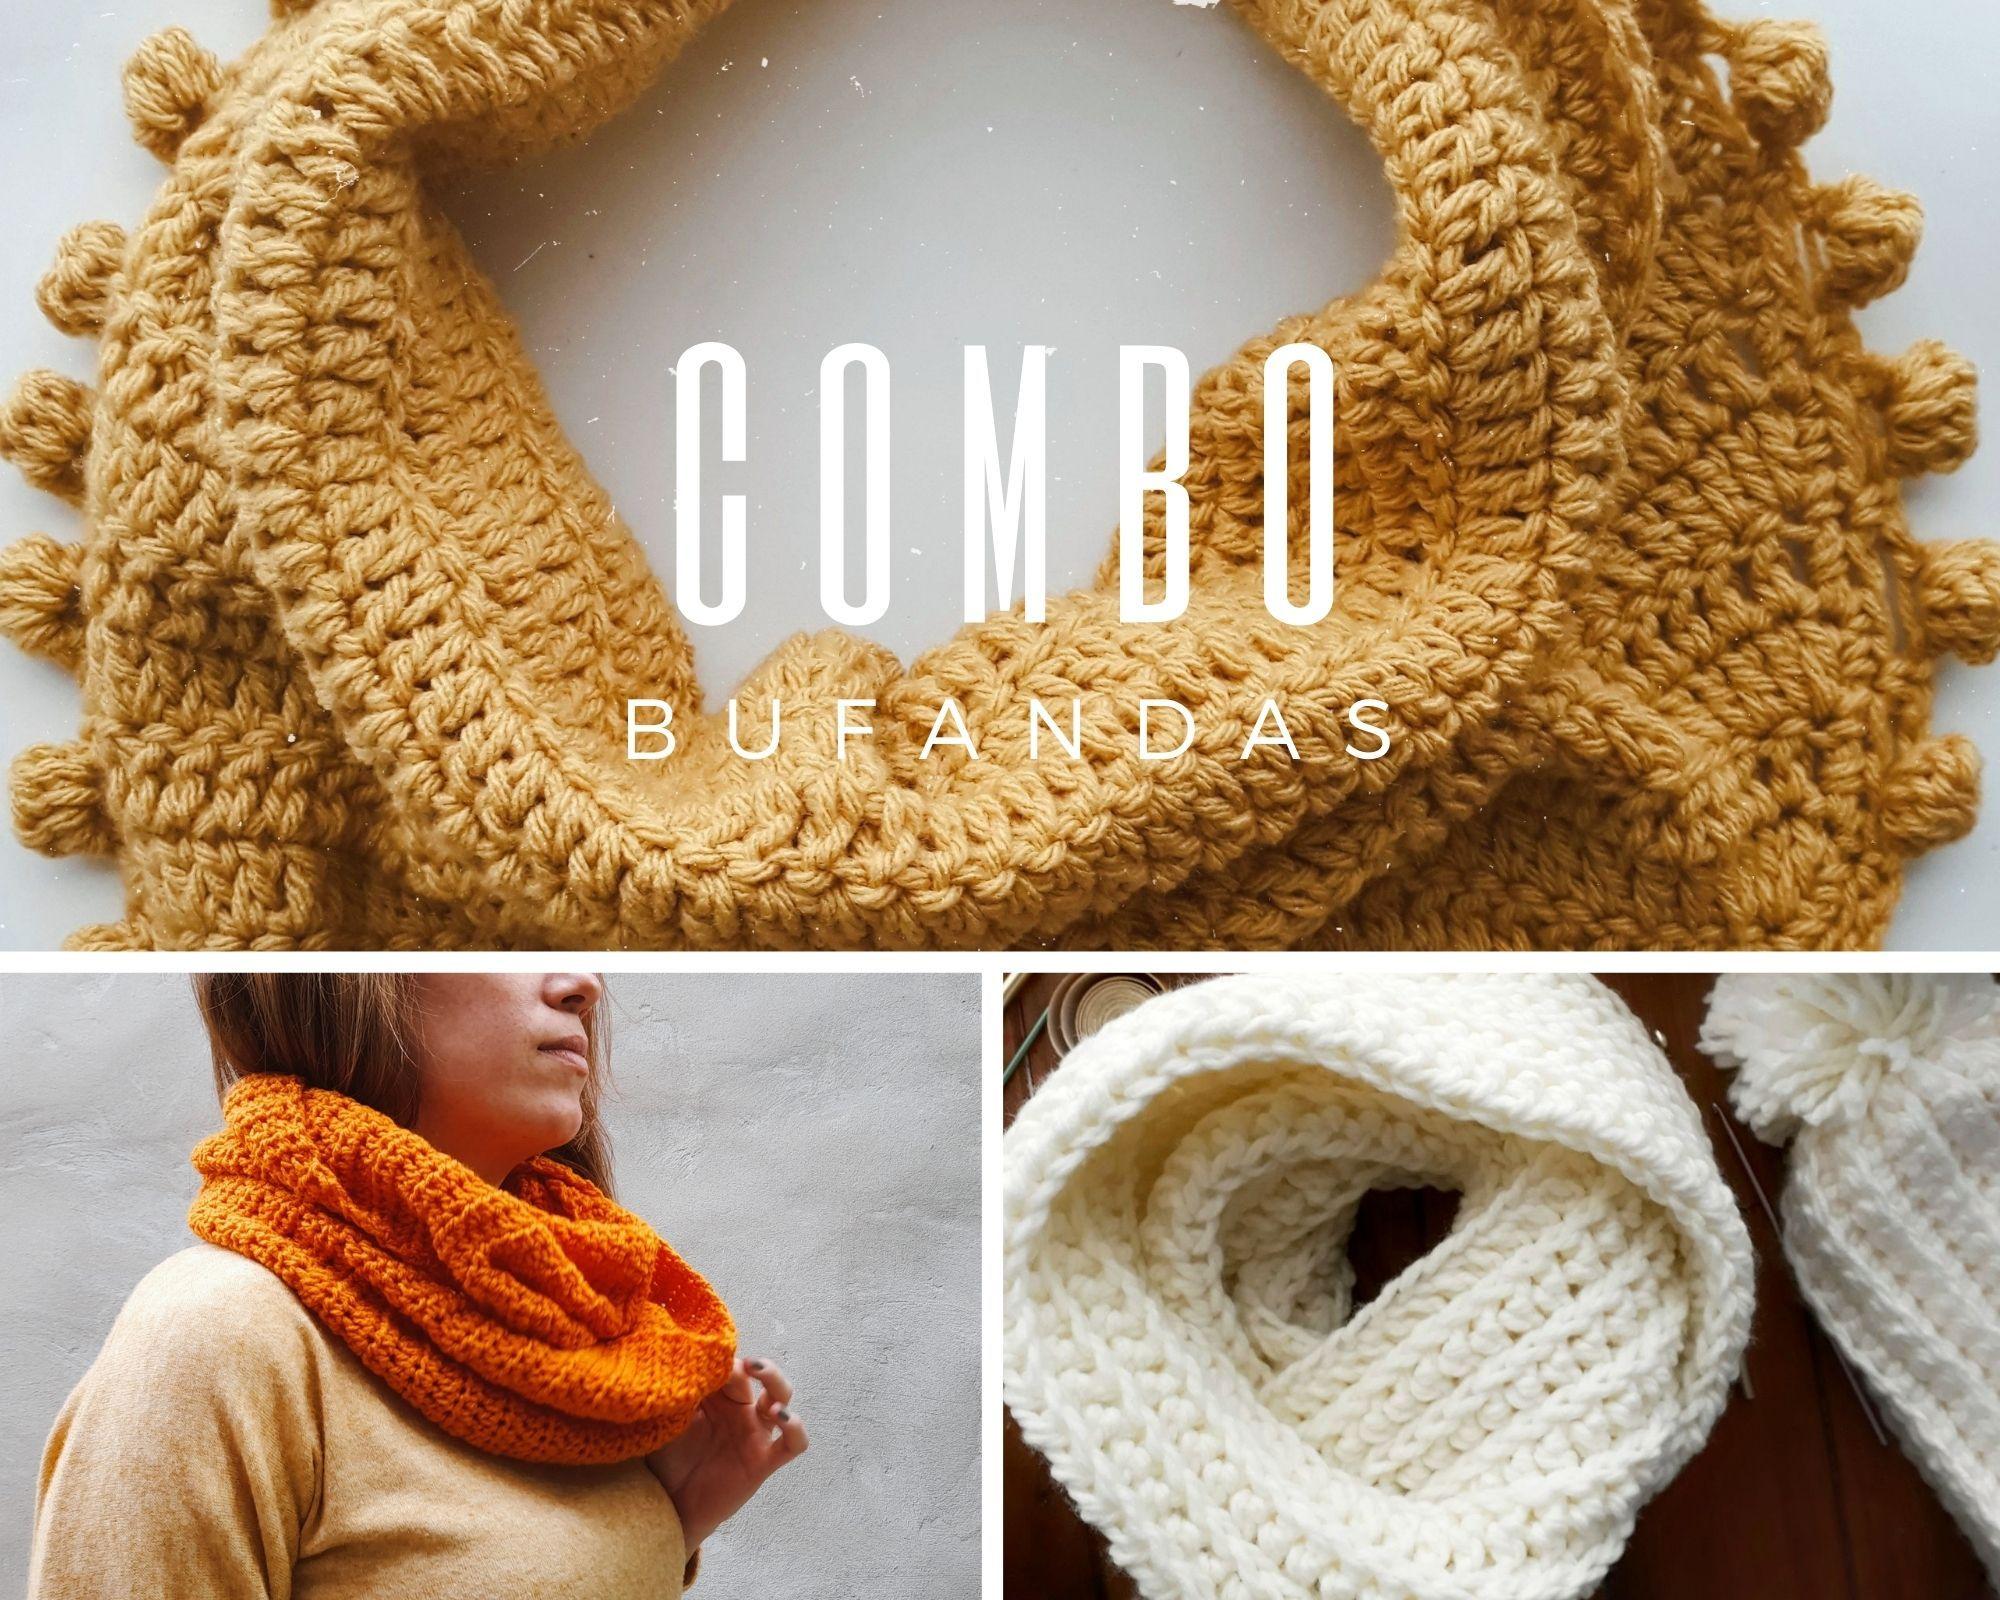 Combo Bufandas a crochet